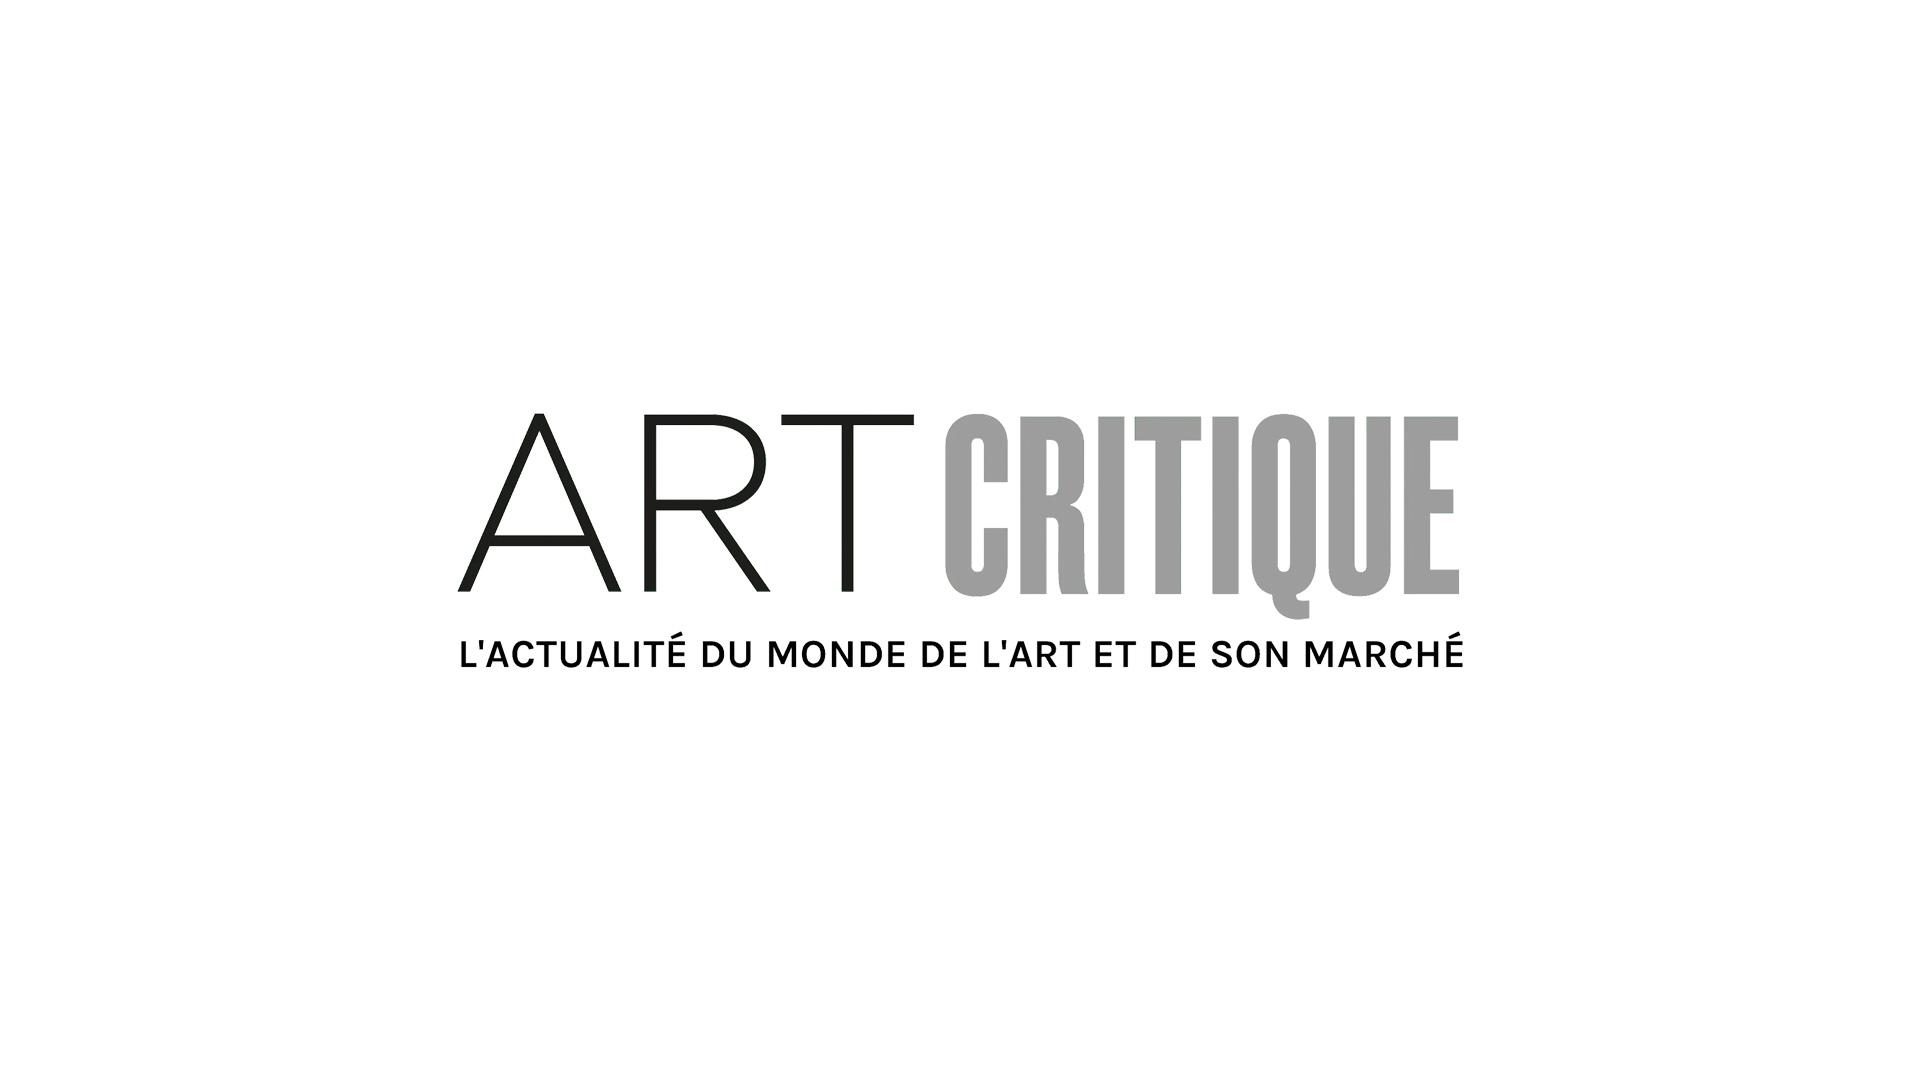 La contre-culture soviétique à Paris : Éduard Limonov et Nataliya Medvedeva